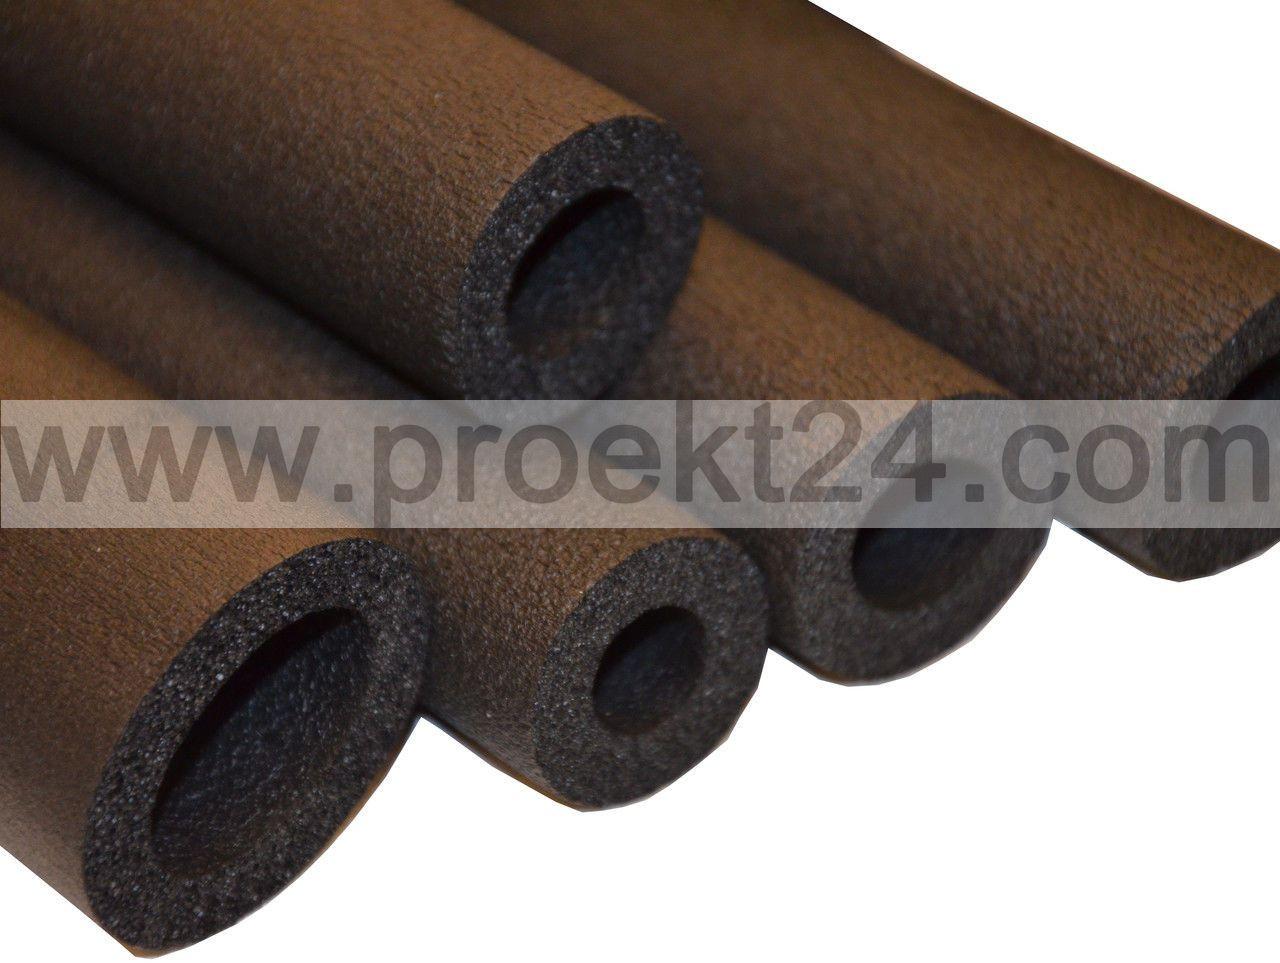 Трубная каучуковая изоляция 76/19, Ø=76 мм, толщ.:19 мм